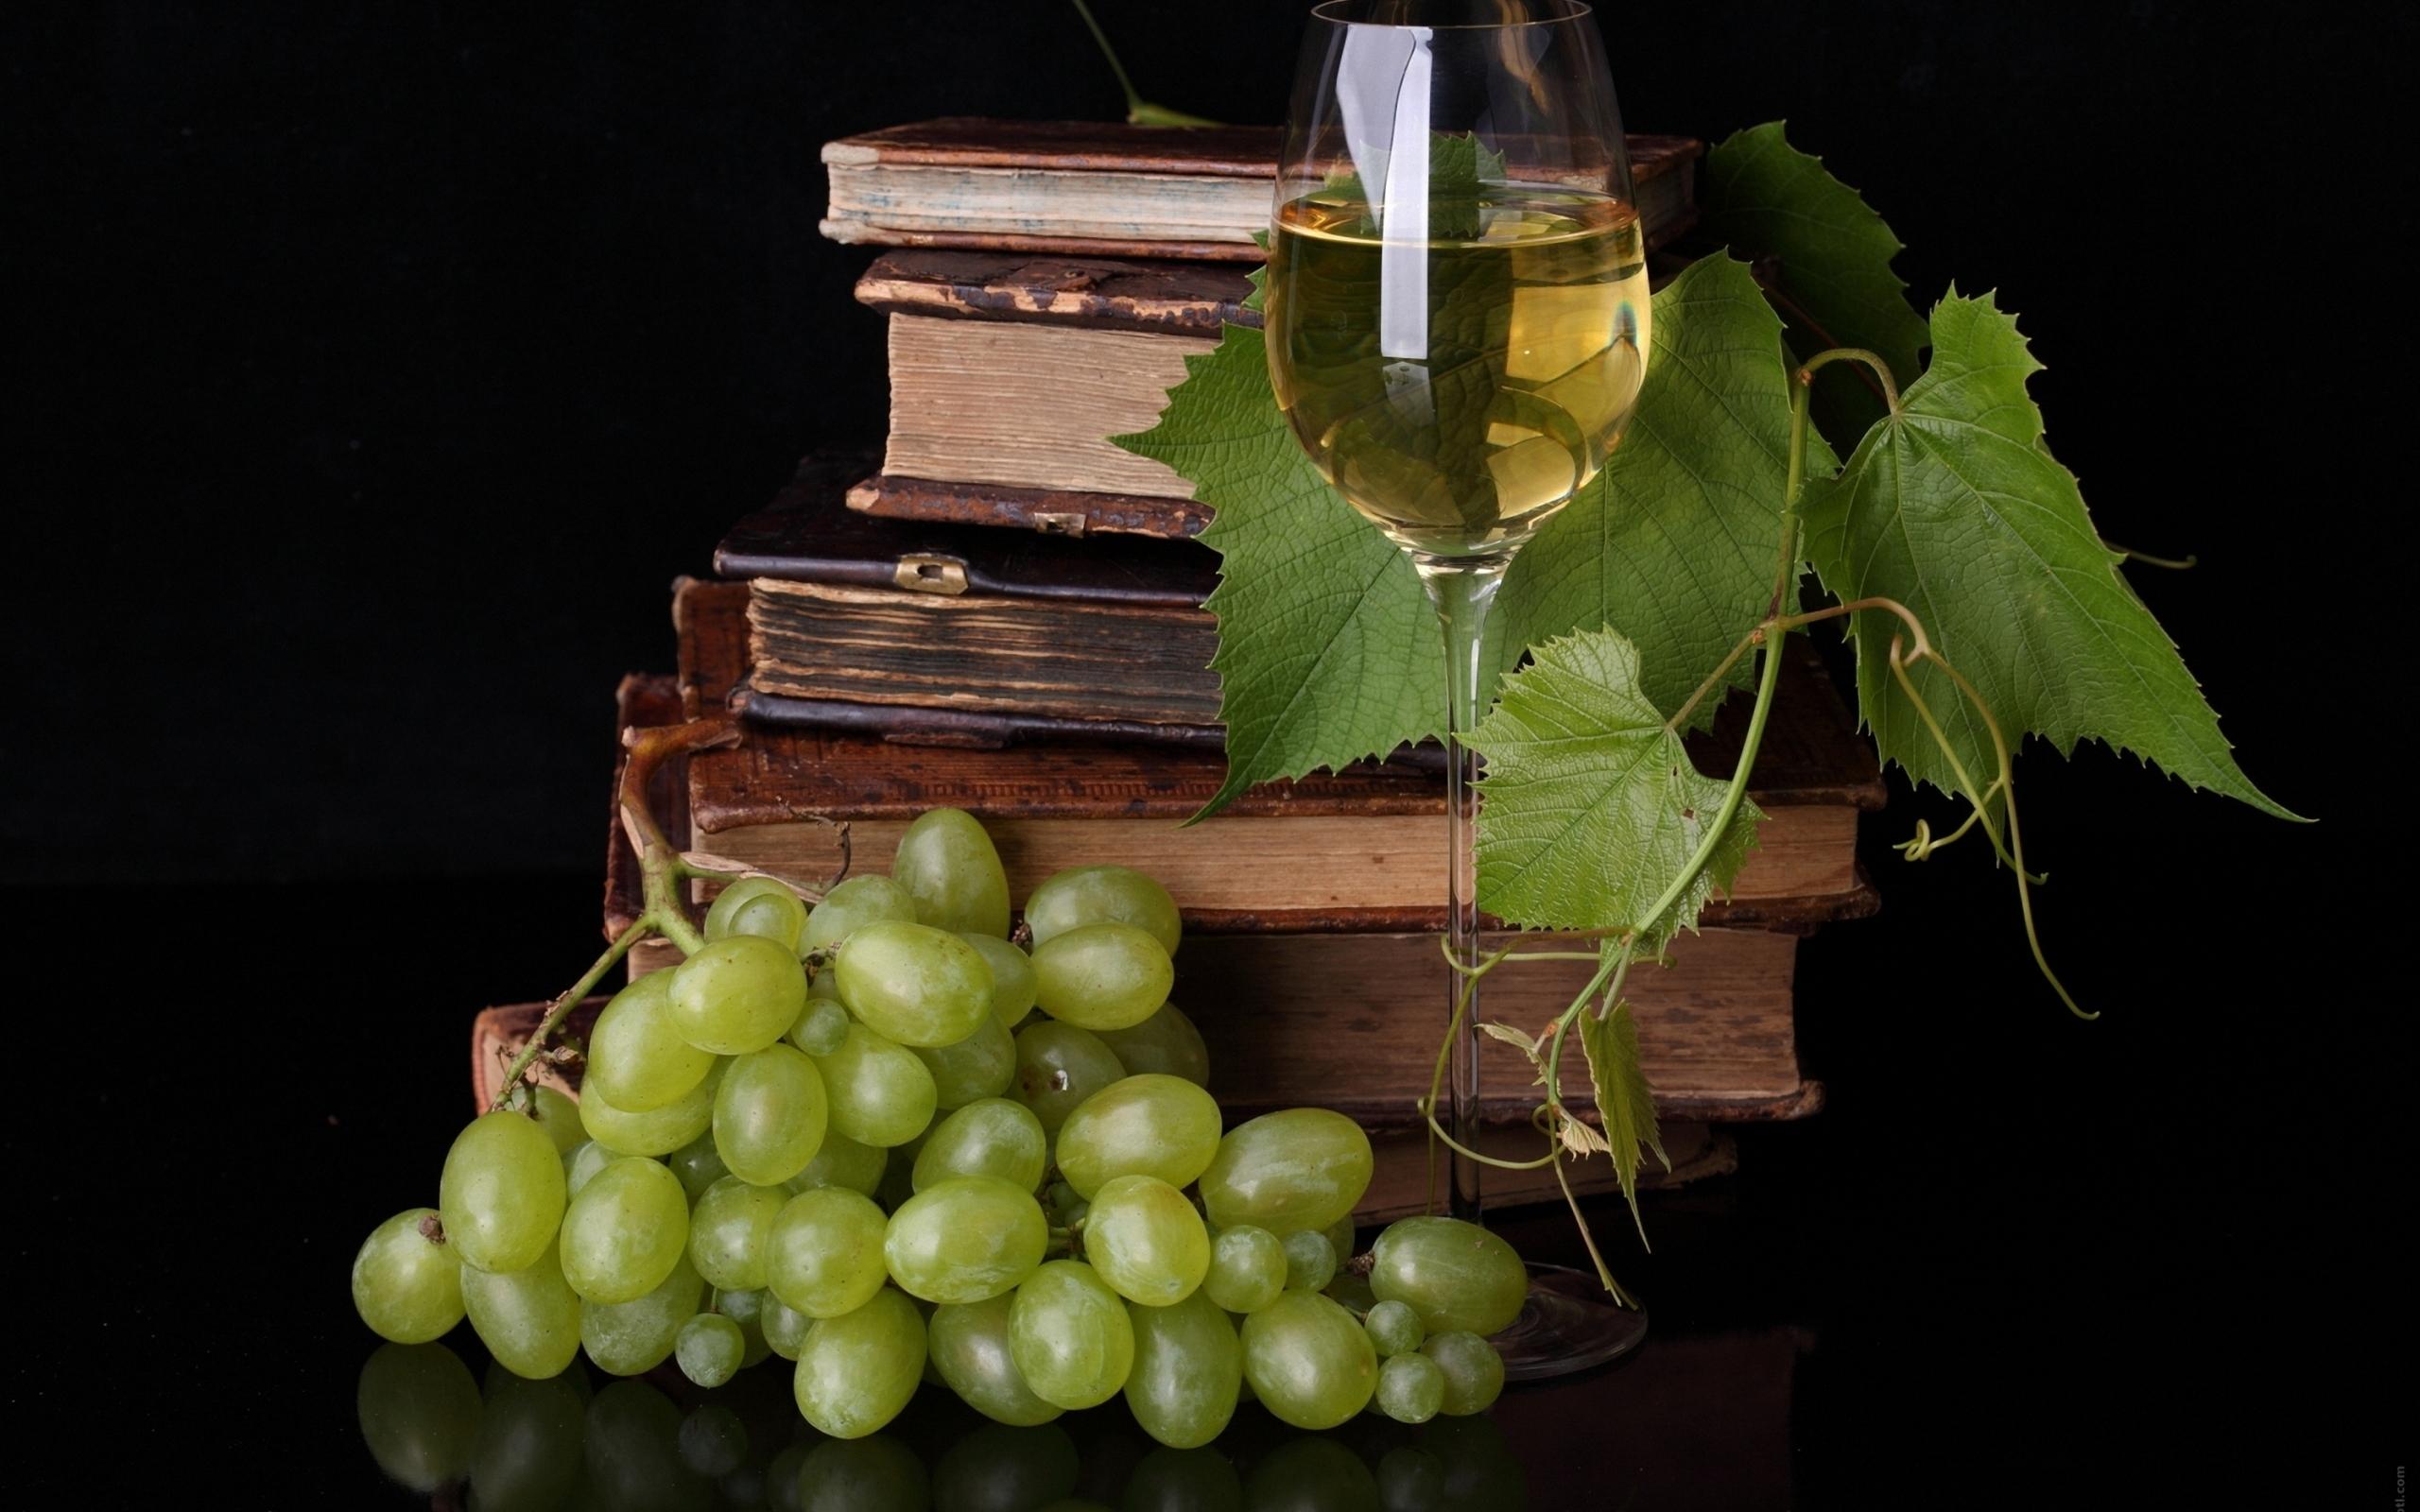 26470 скачать обои Еда, Фон, Виноград, Вино, Книги - заставки и картинки бесплатно